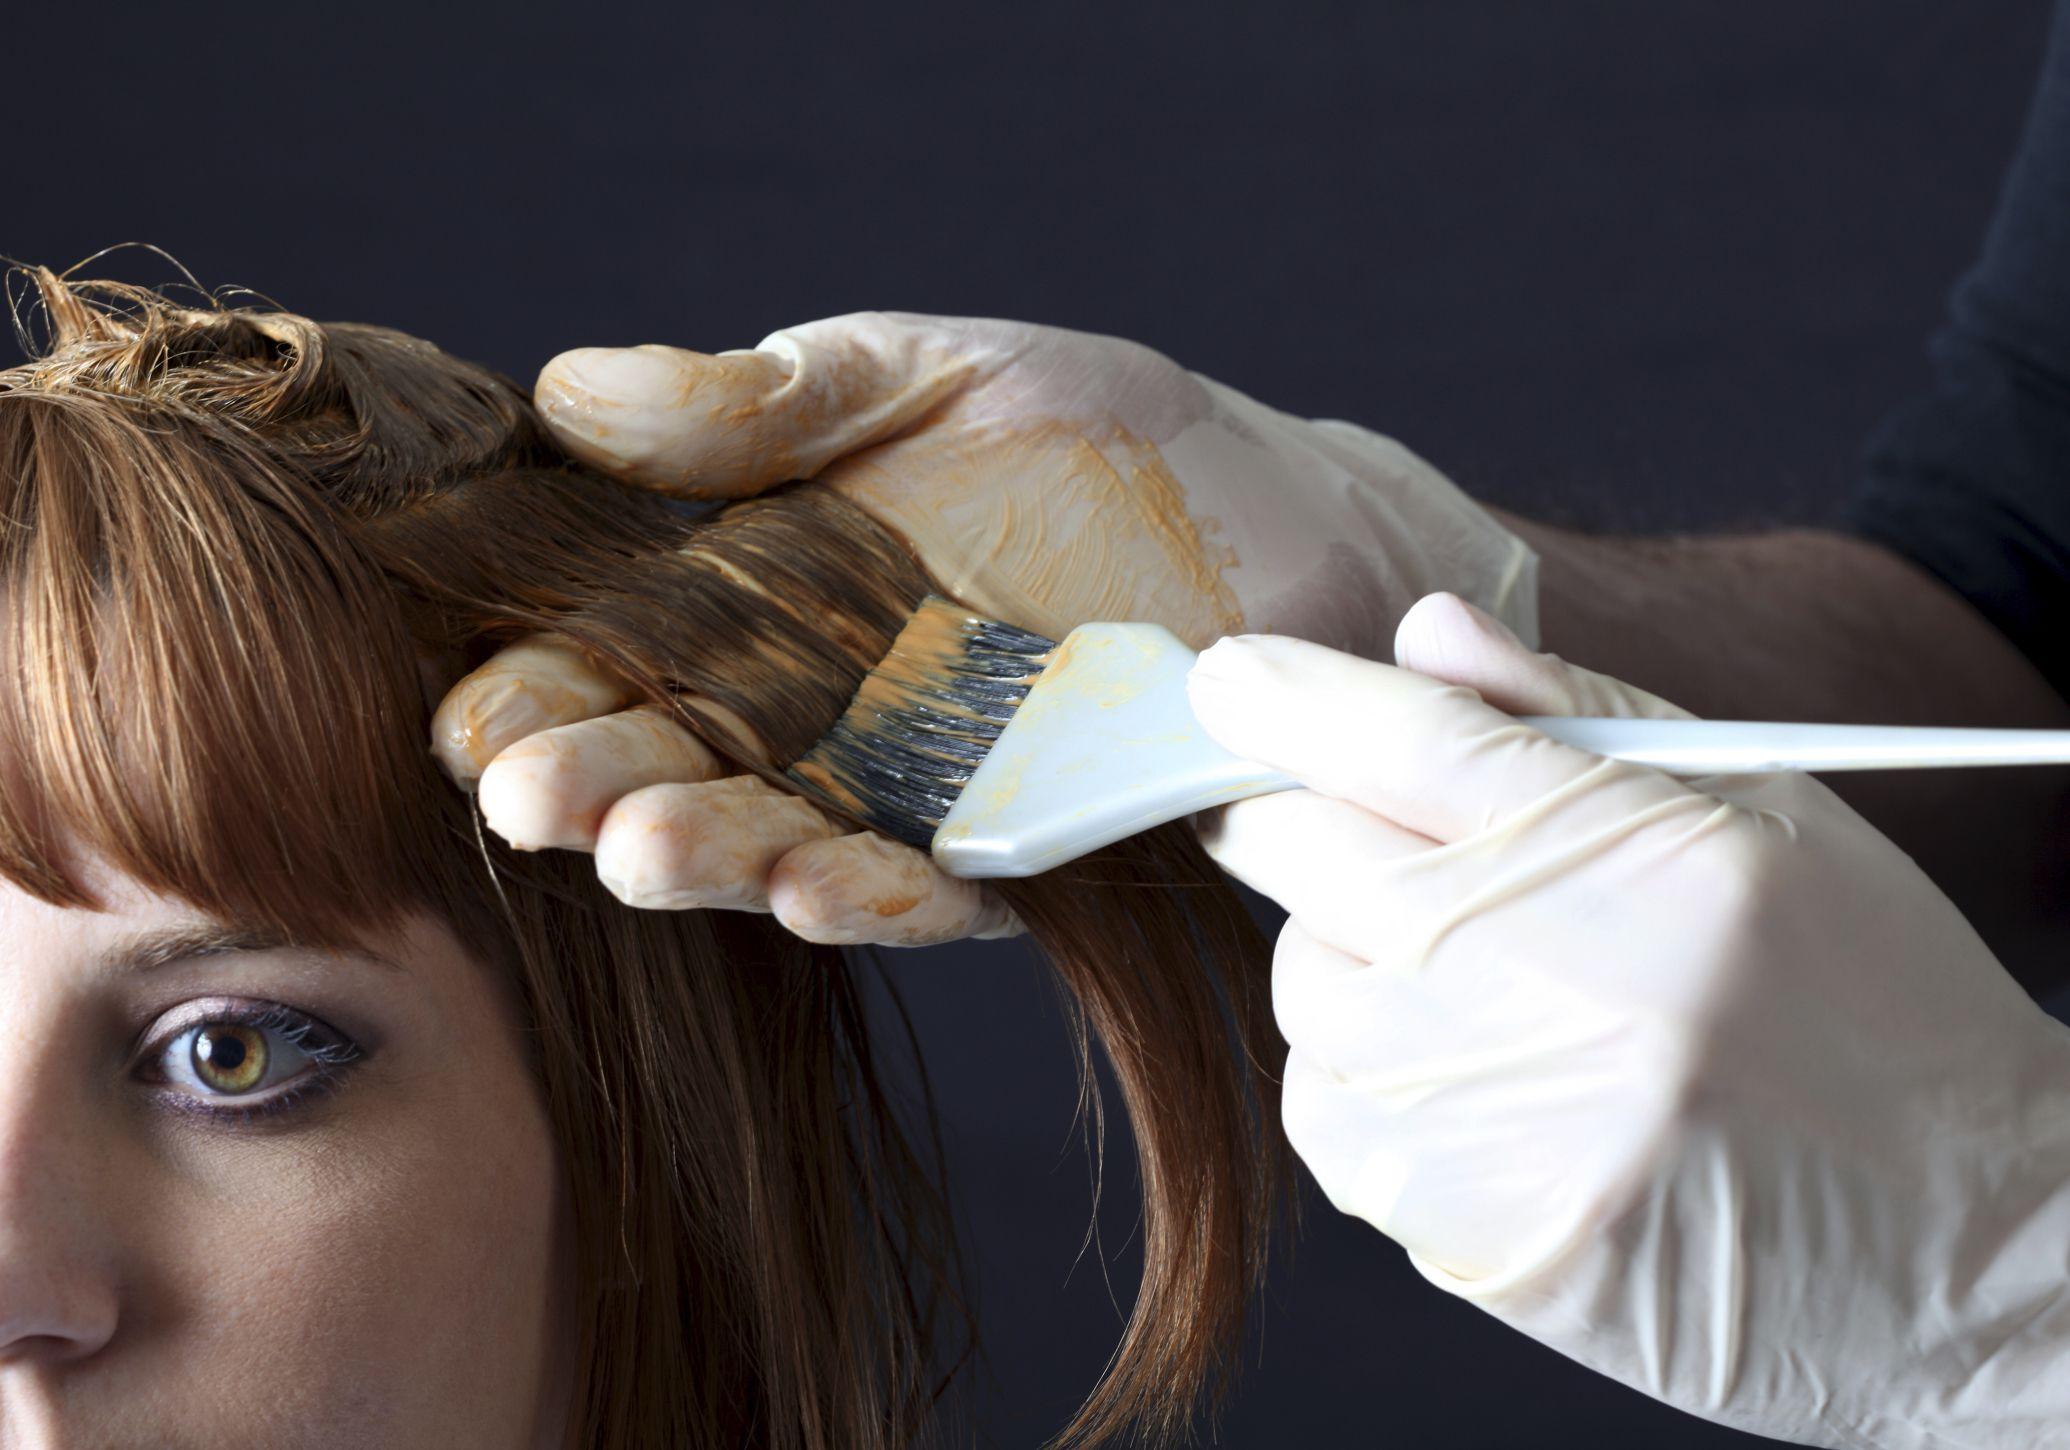 Рейтинг лучших щадящих красок для волос на 2021 год